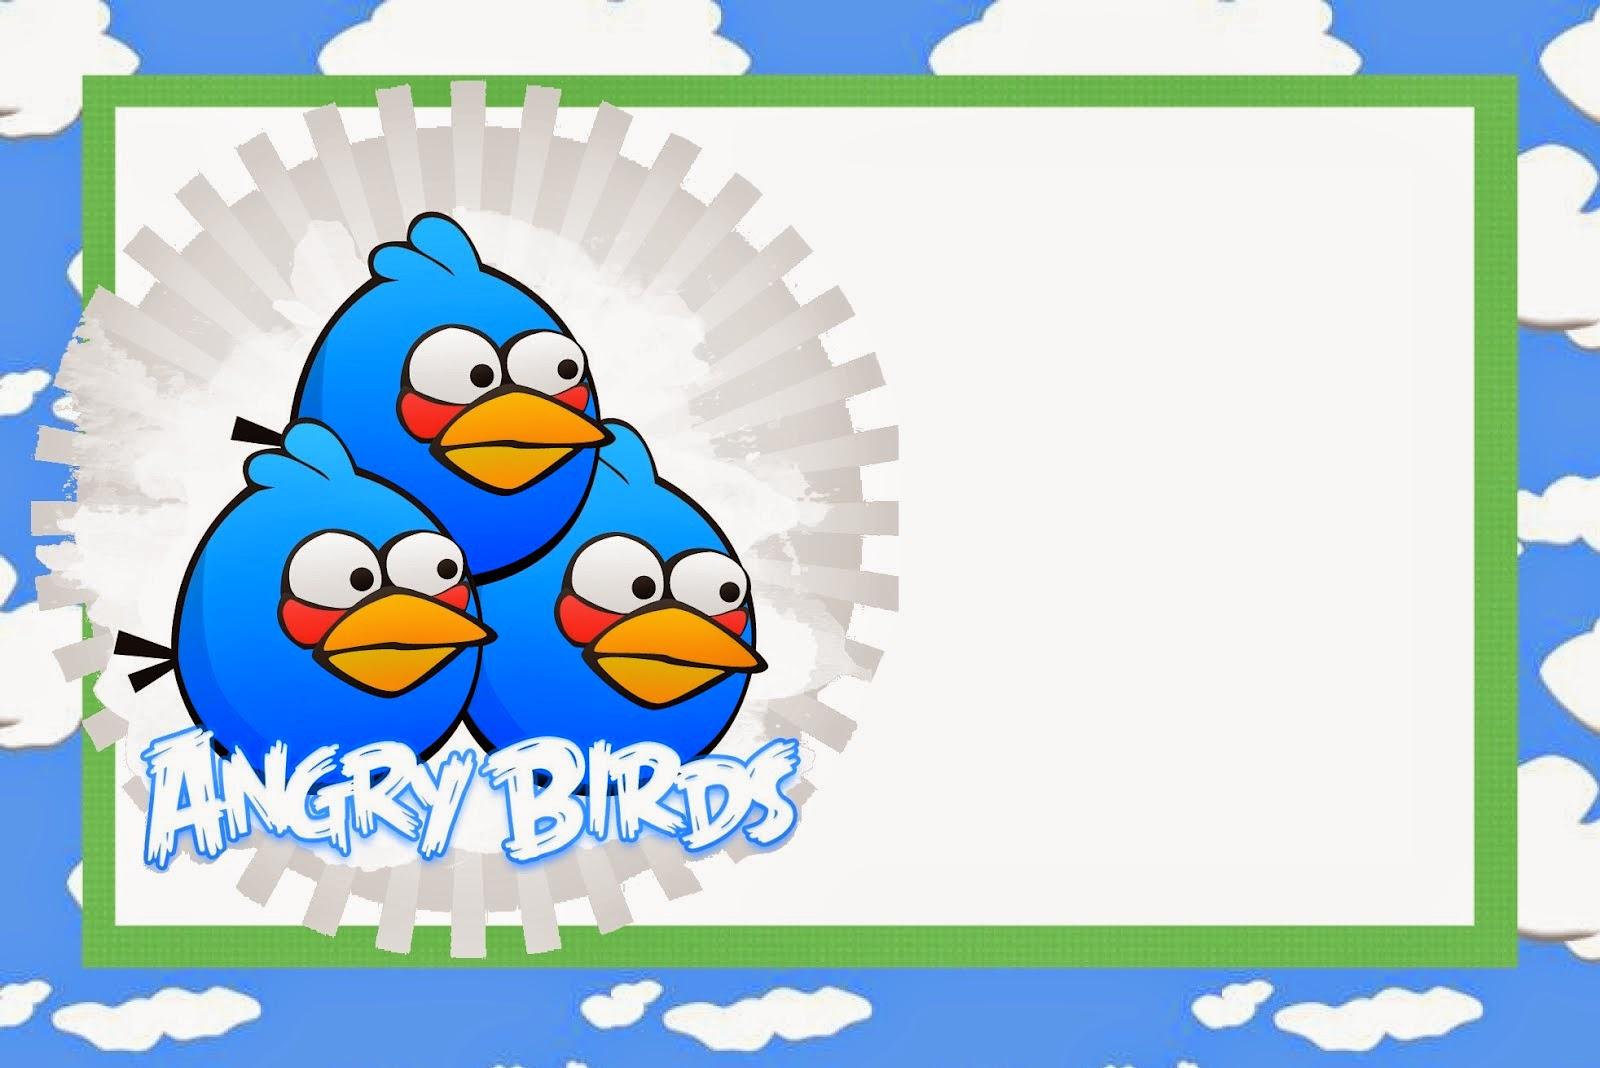 Para hacer invitaciones, tarjetas, marcos de fotos o etiquetas, para imprimir gratis de Angry birds con Nubes.